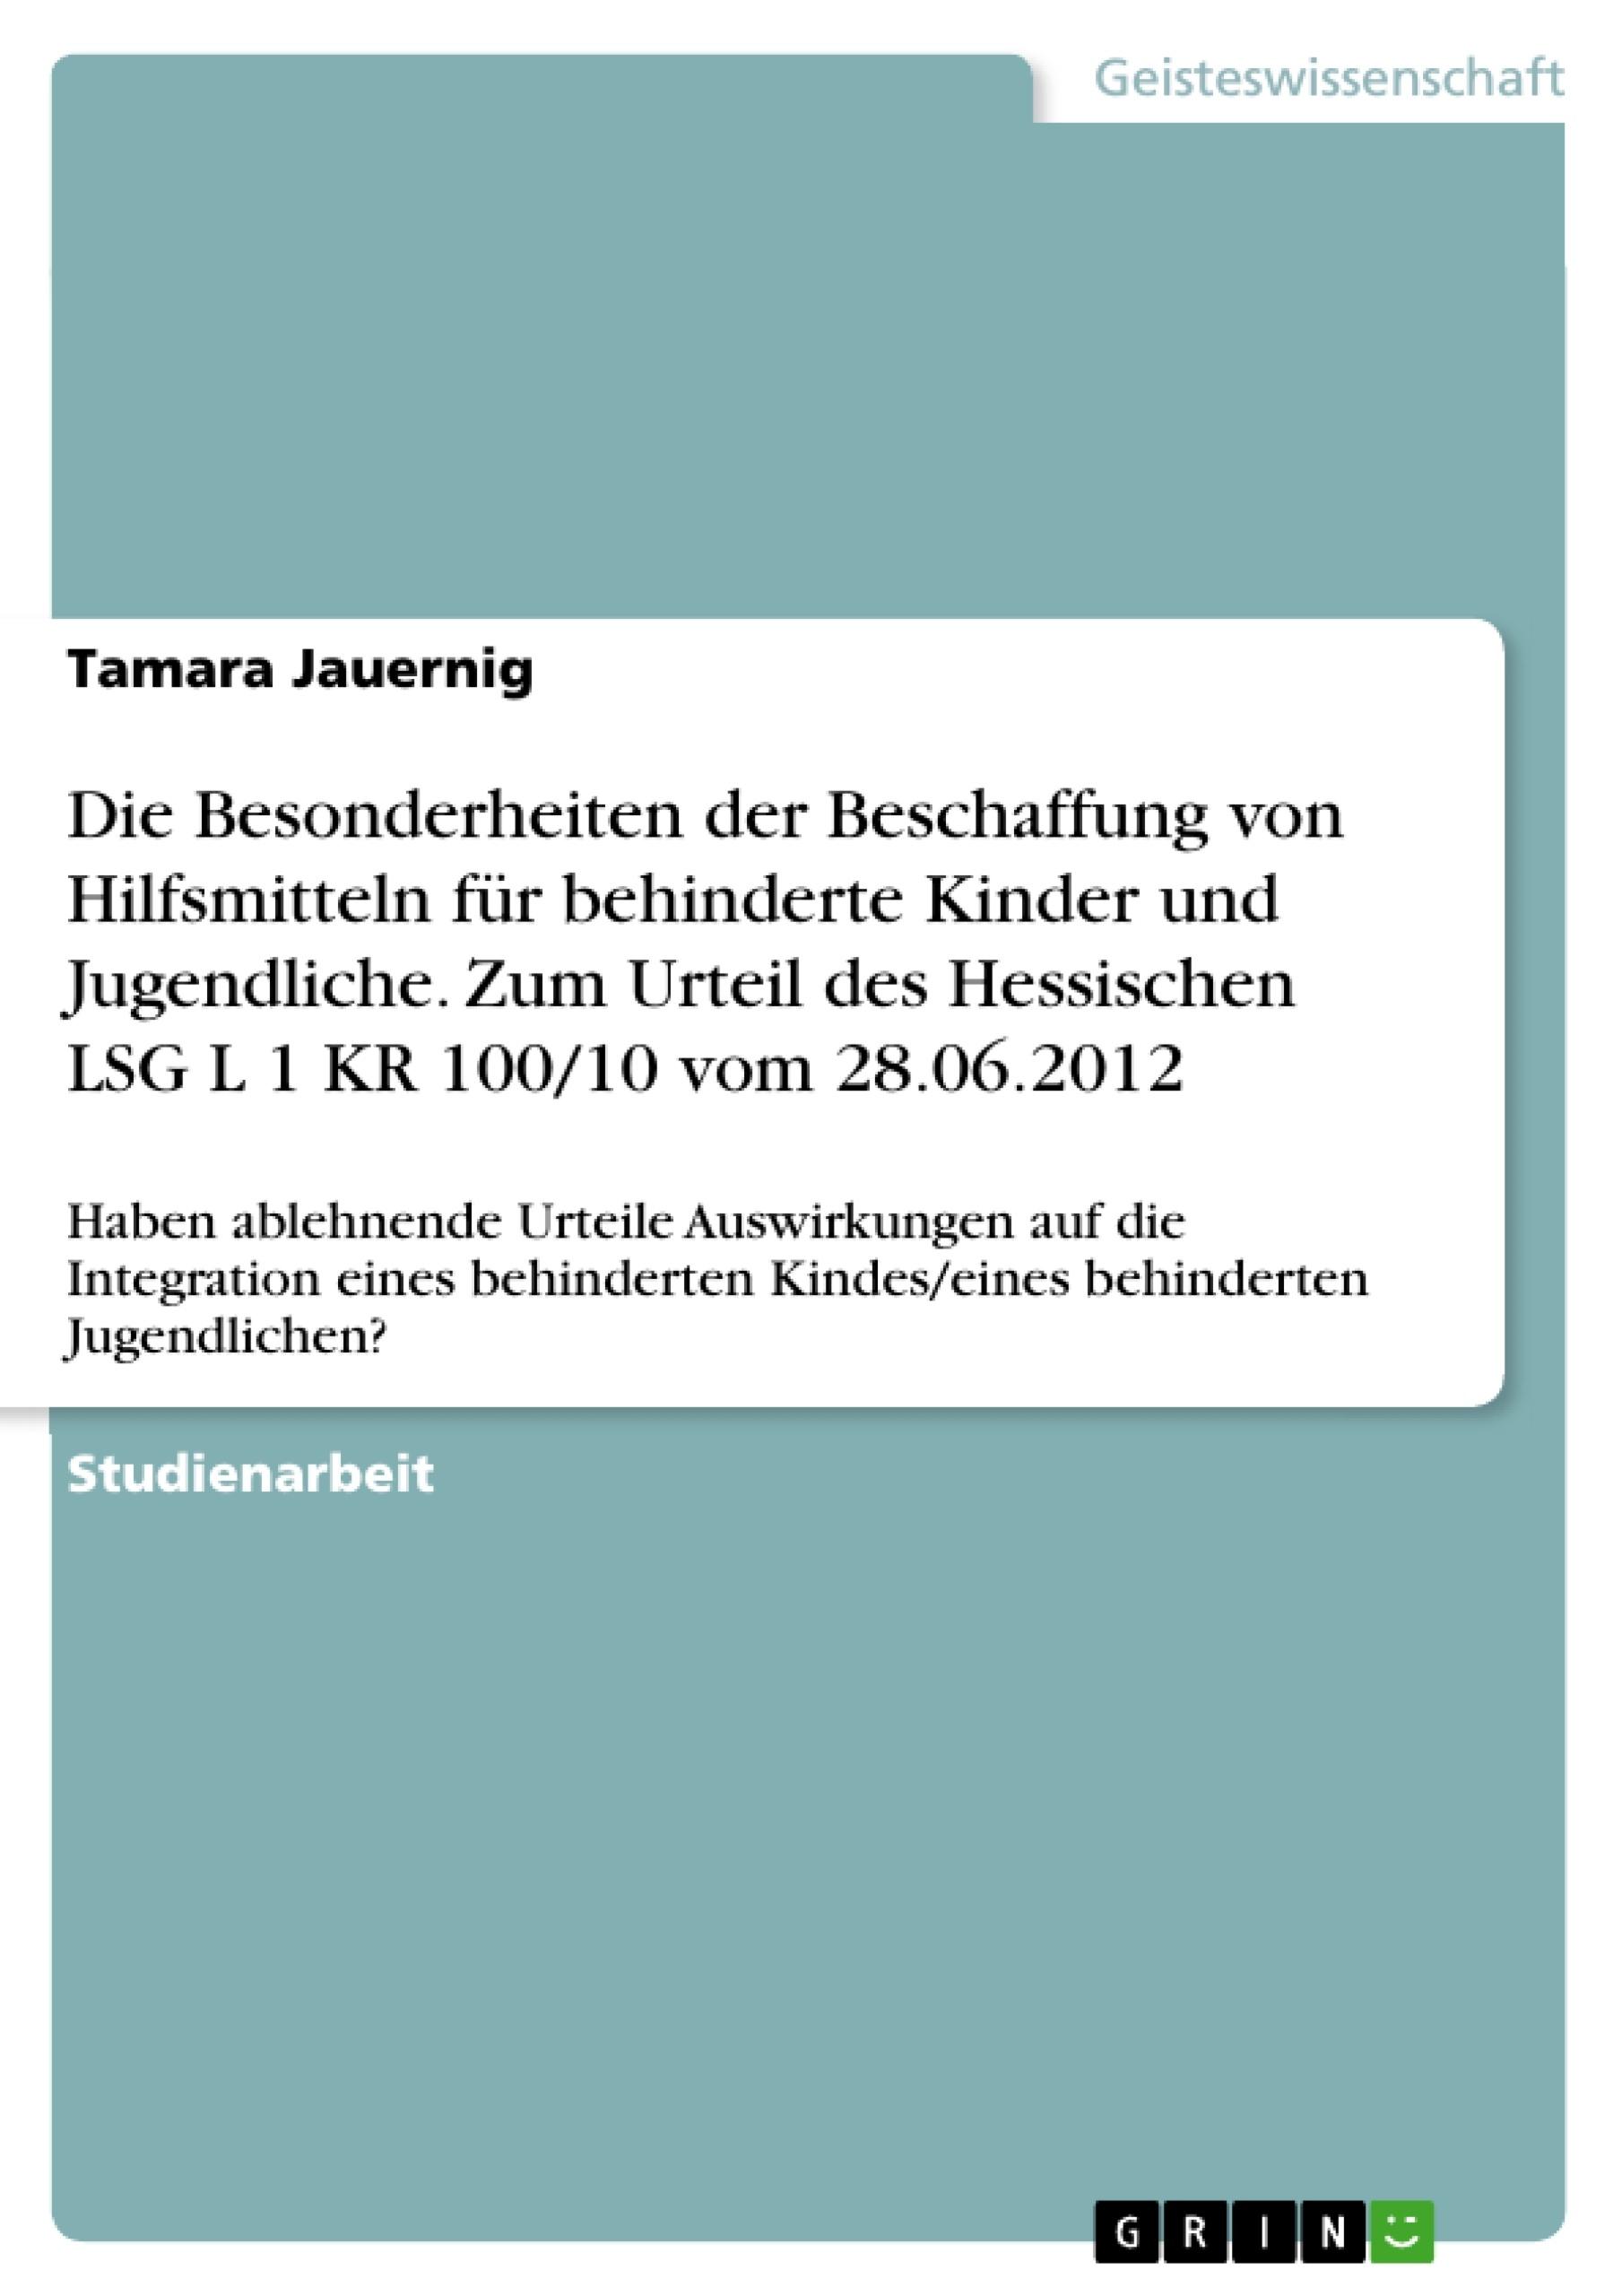 Titel: Die Besonderheiten der Beschaffung von Hilfsmitteln für behinderte Kinder und Jugendliche. Zum Urteil des Hessischen LSG L 1 KR 100/10 vom 28.06.2012